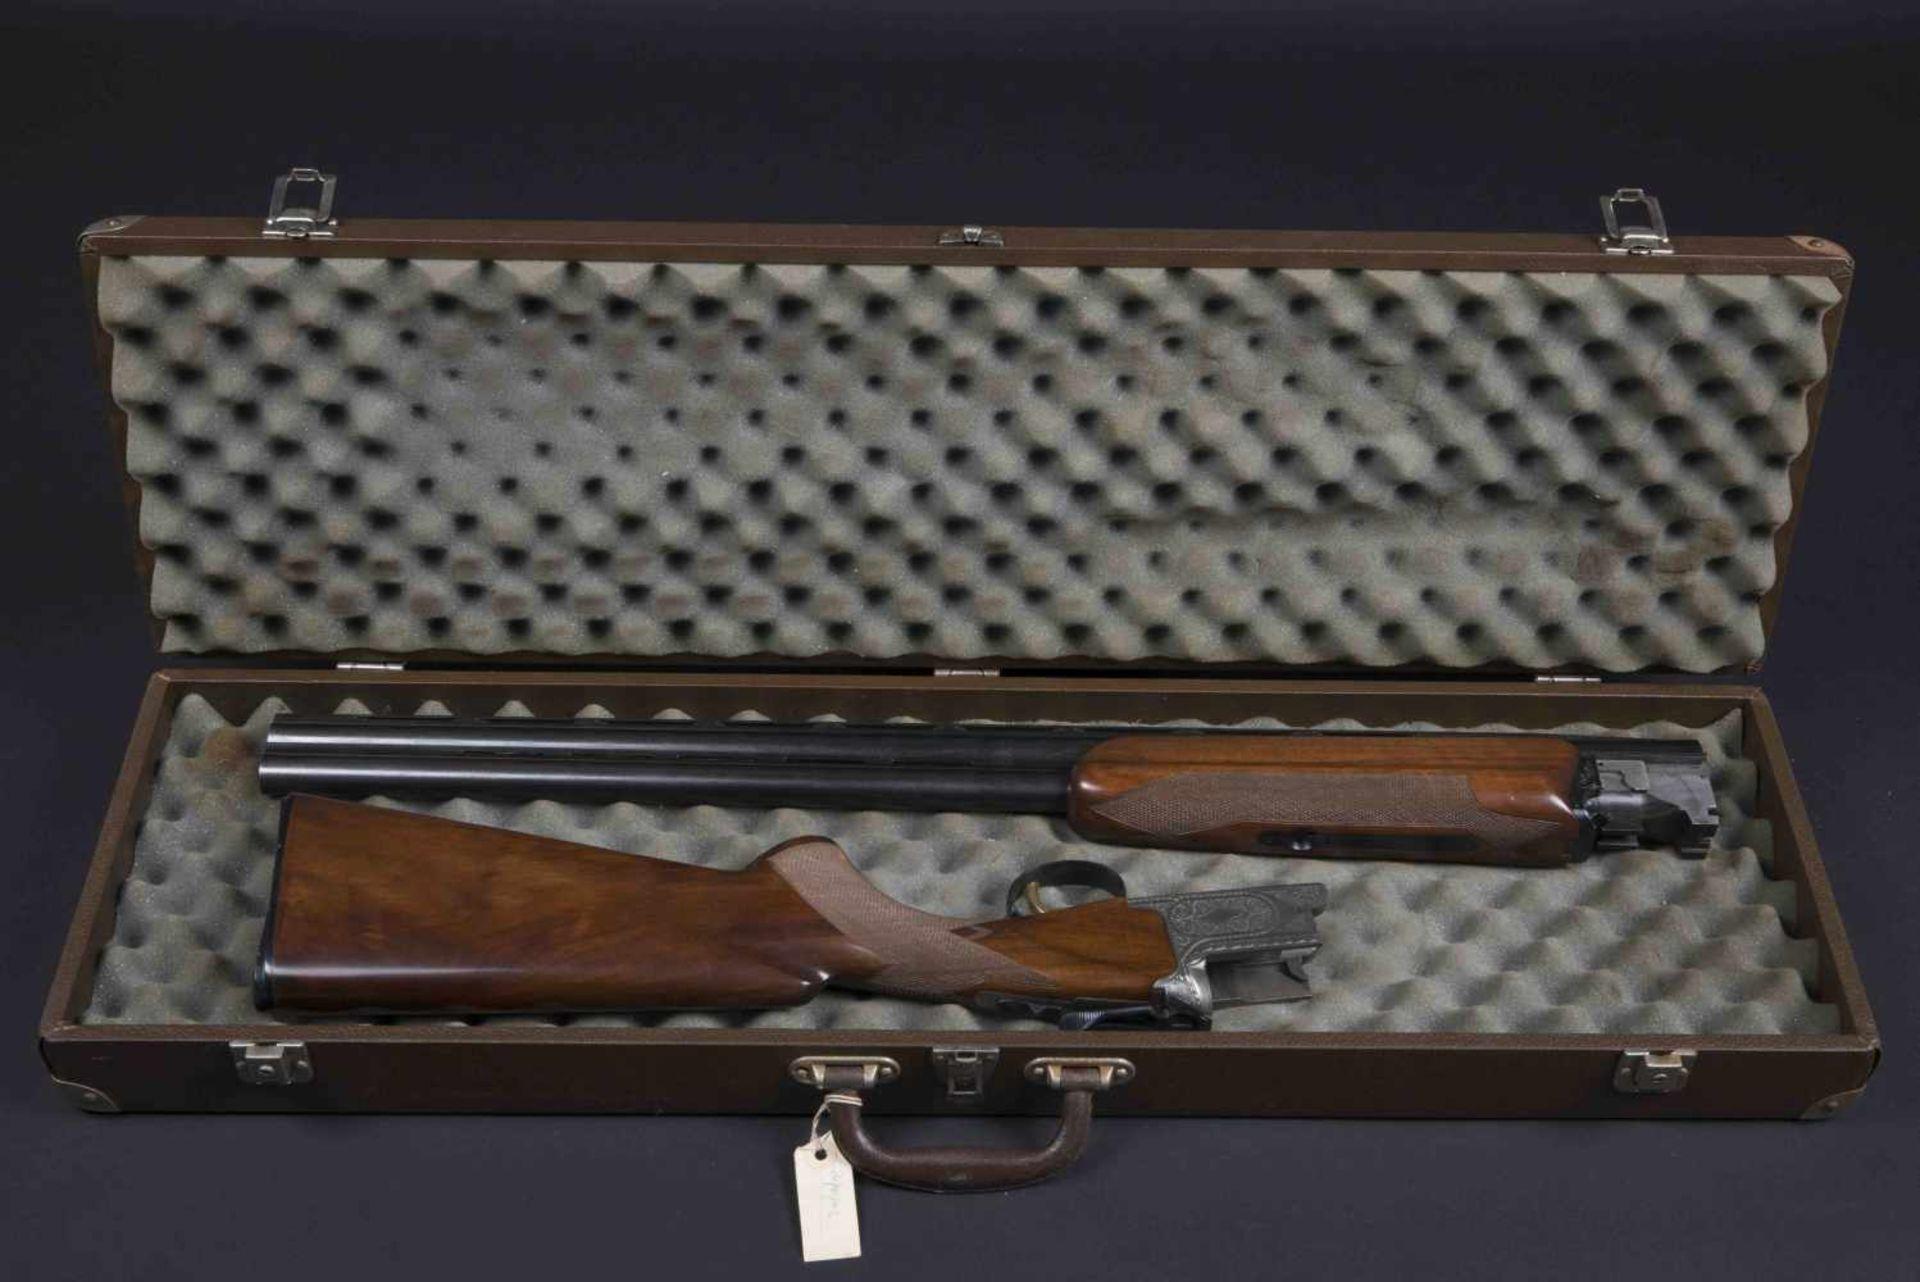 Fusil juxtaposé Nikko 5000 Catégorie C Calibre 12, numéro K63518. Carton non au modèle de l'arme.